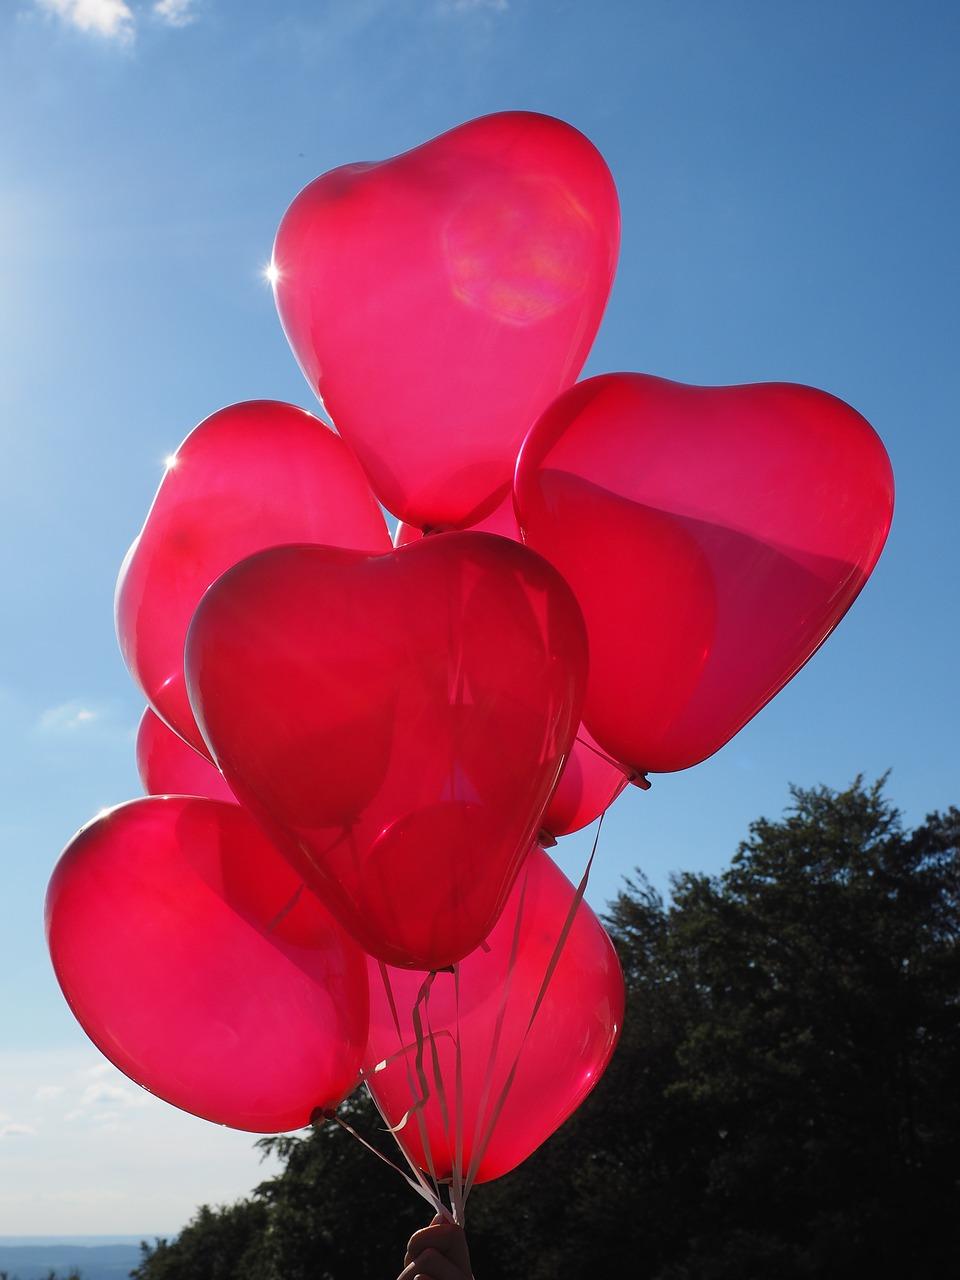 balloons-693710 1280